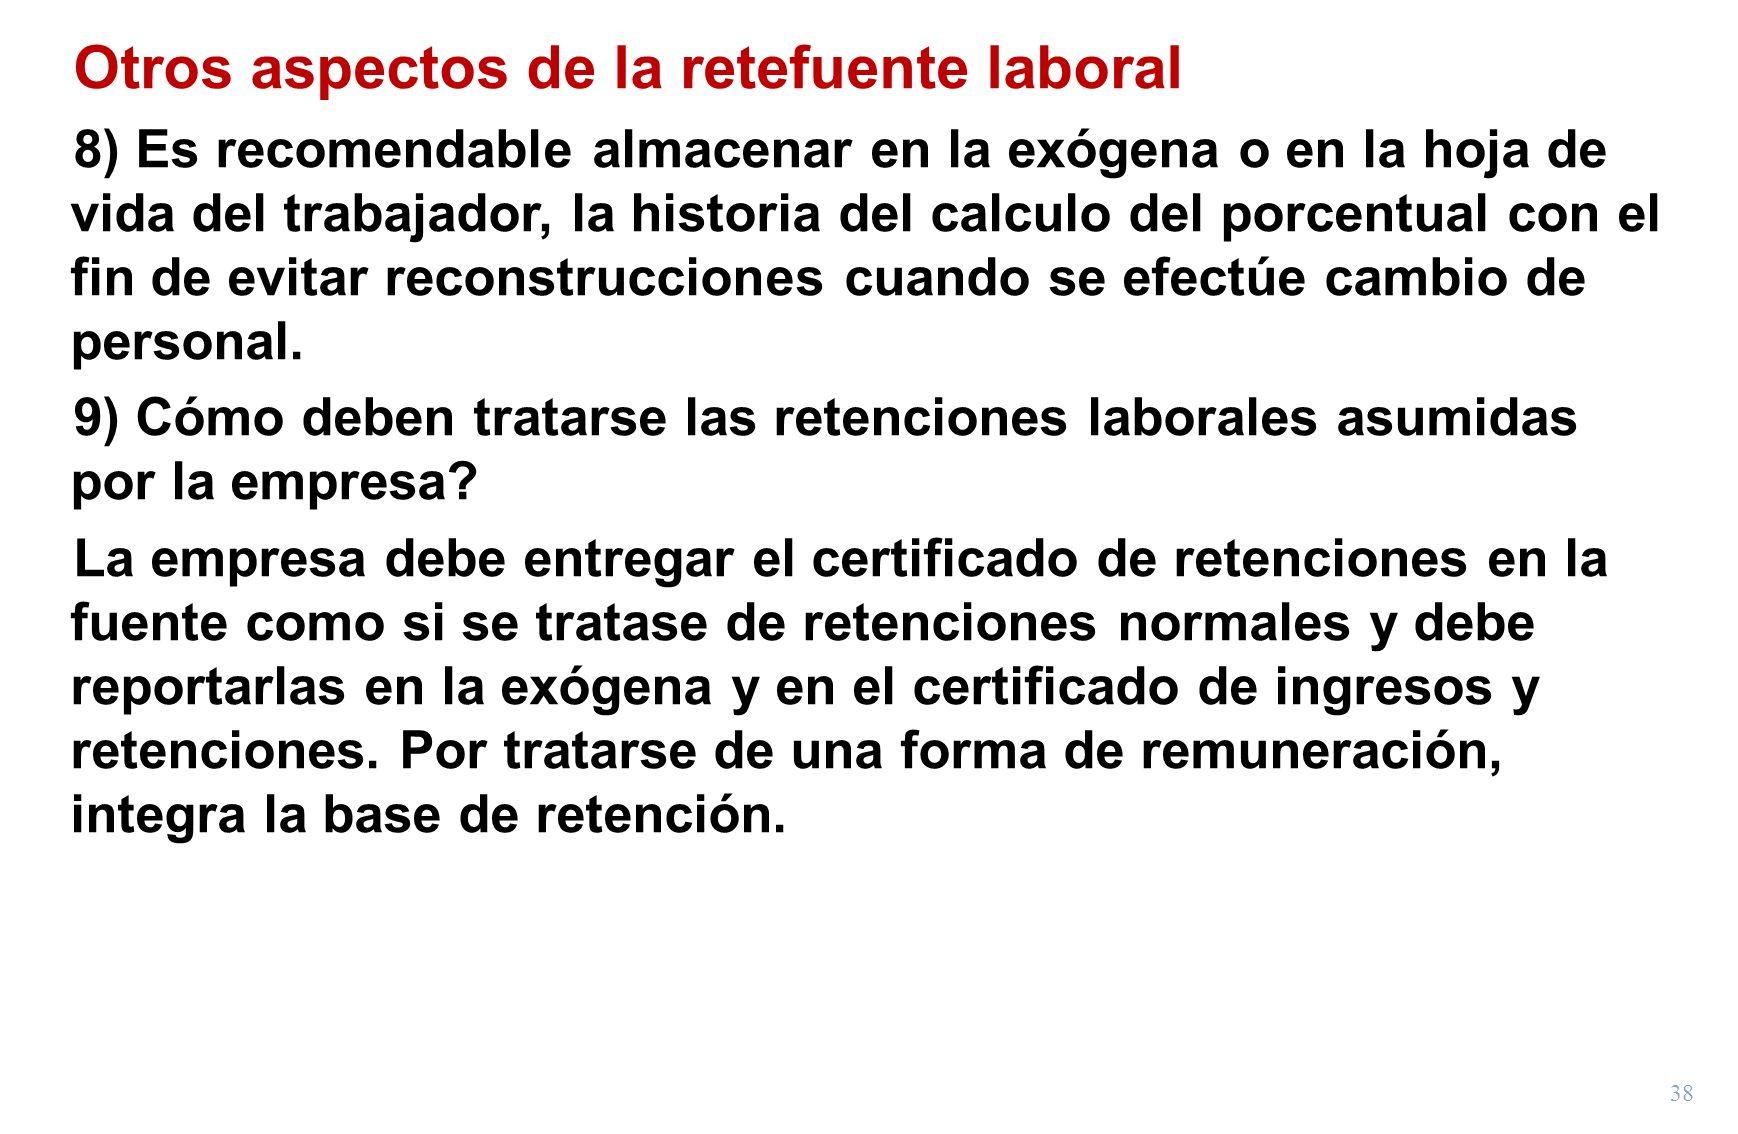 38 Otros aspectos de la retefuente laboral 8) Es recomendable almacenar en la exógena o en la hoja de vida del trabajador, la historia del calculo del